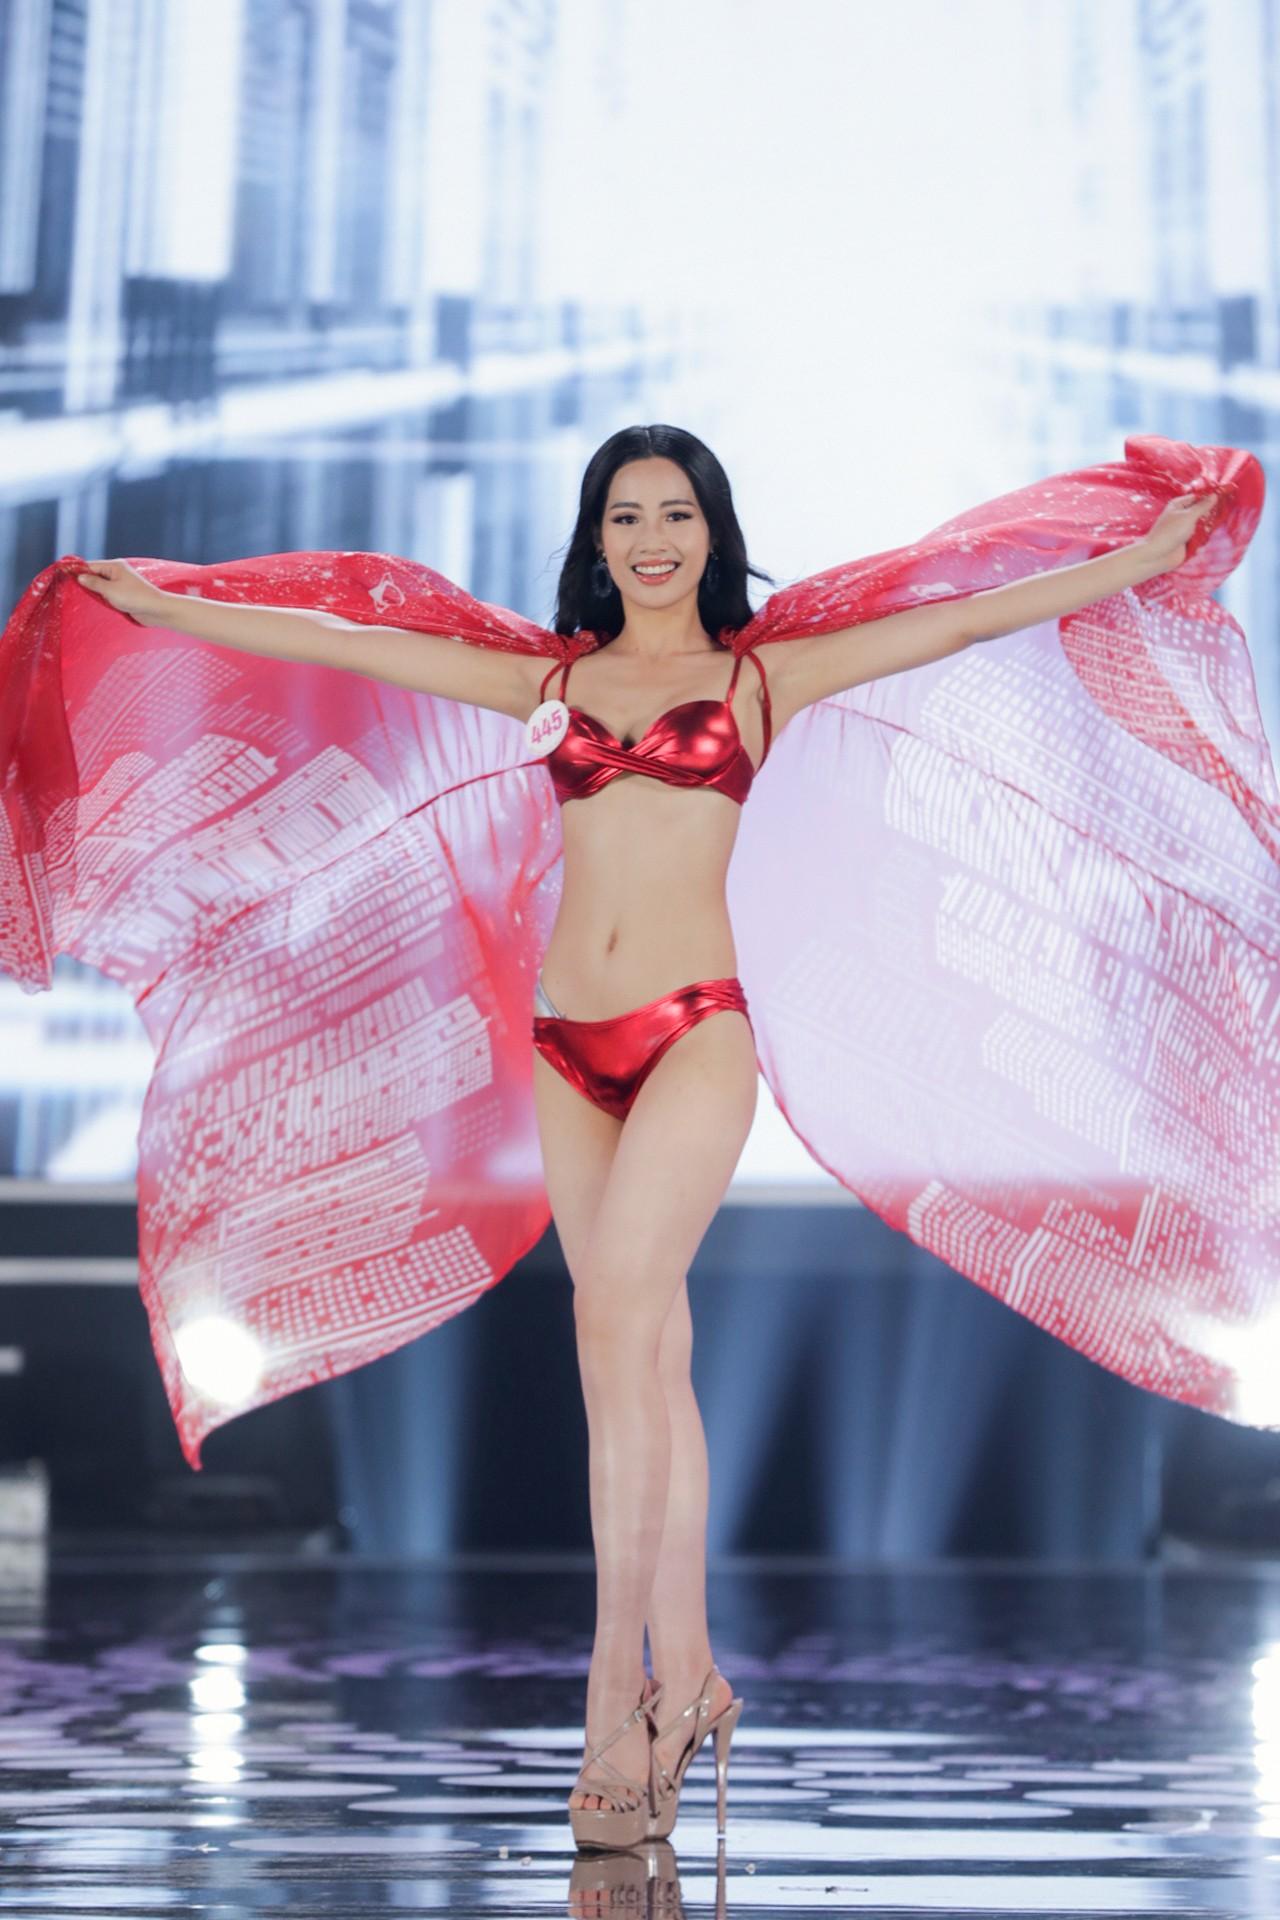 Ngắm đường cong 'bỏng mắt' của top 22 thí sinh HHVN 2020 trong màn trình diễn bikini ảnh 21